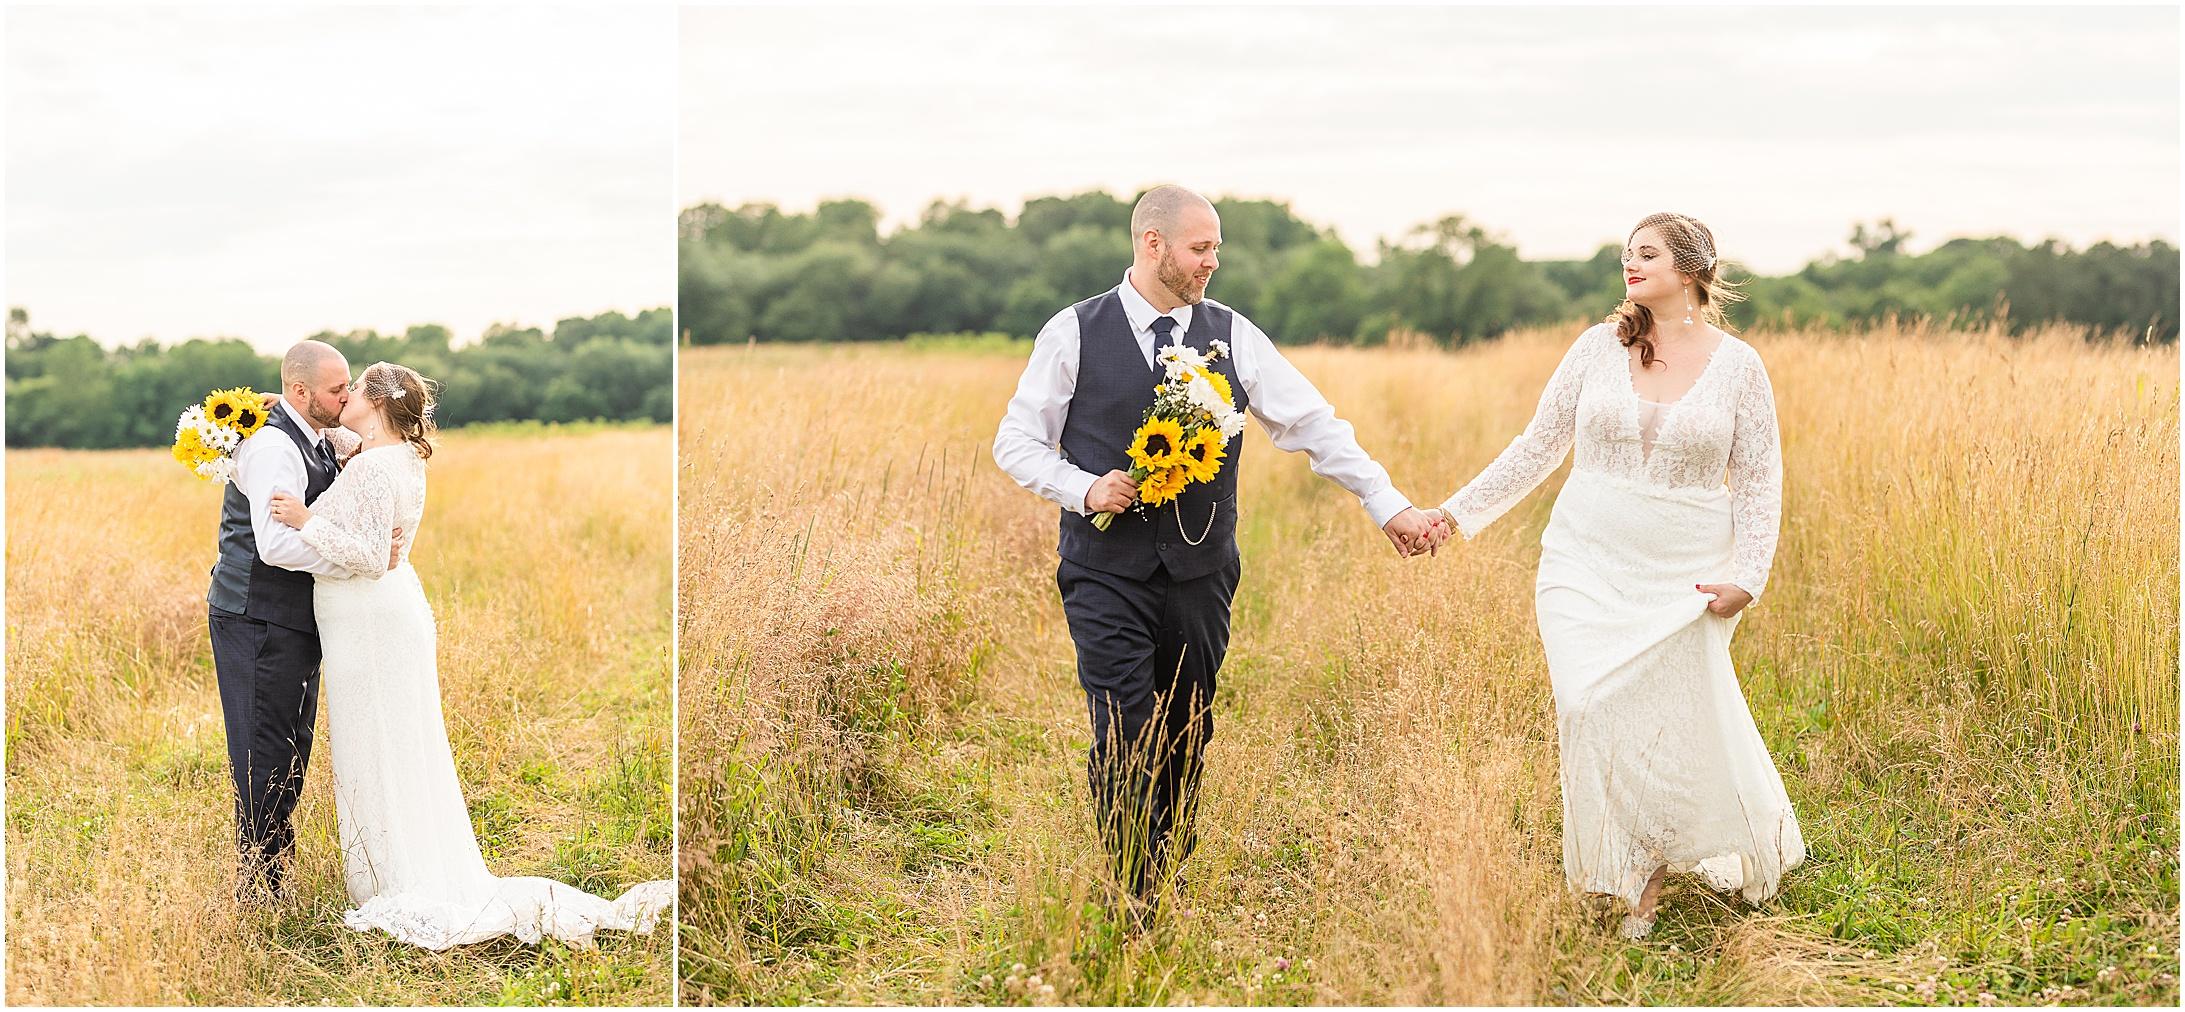 Brittland-Estates-Wedding-Photos_0498.jpg